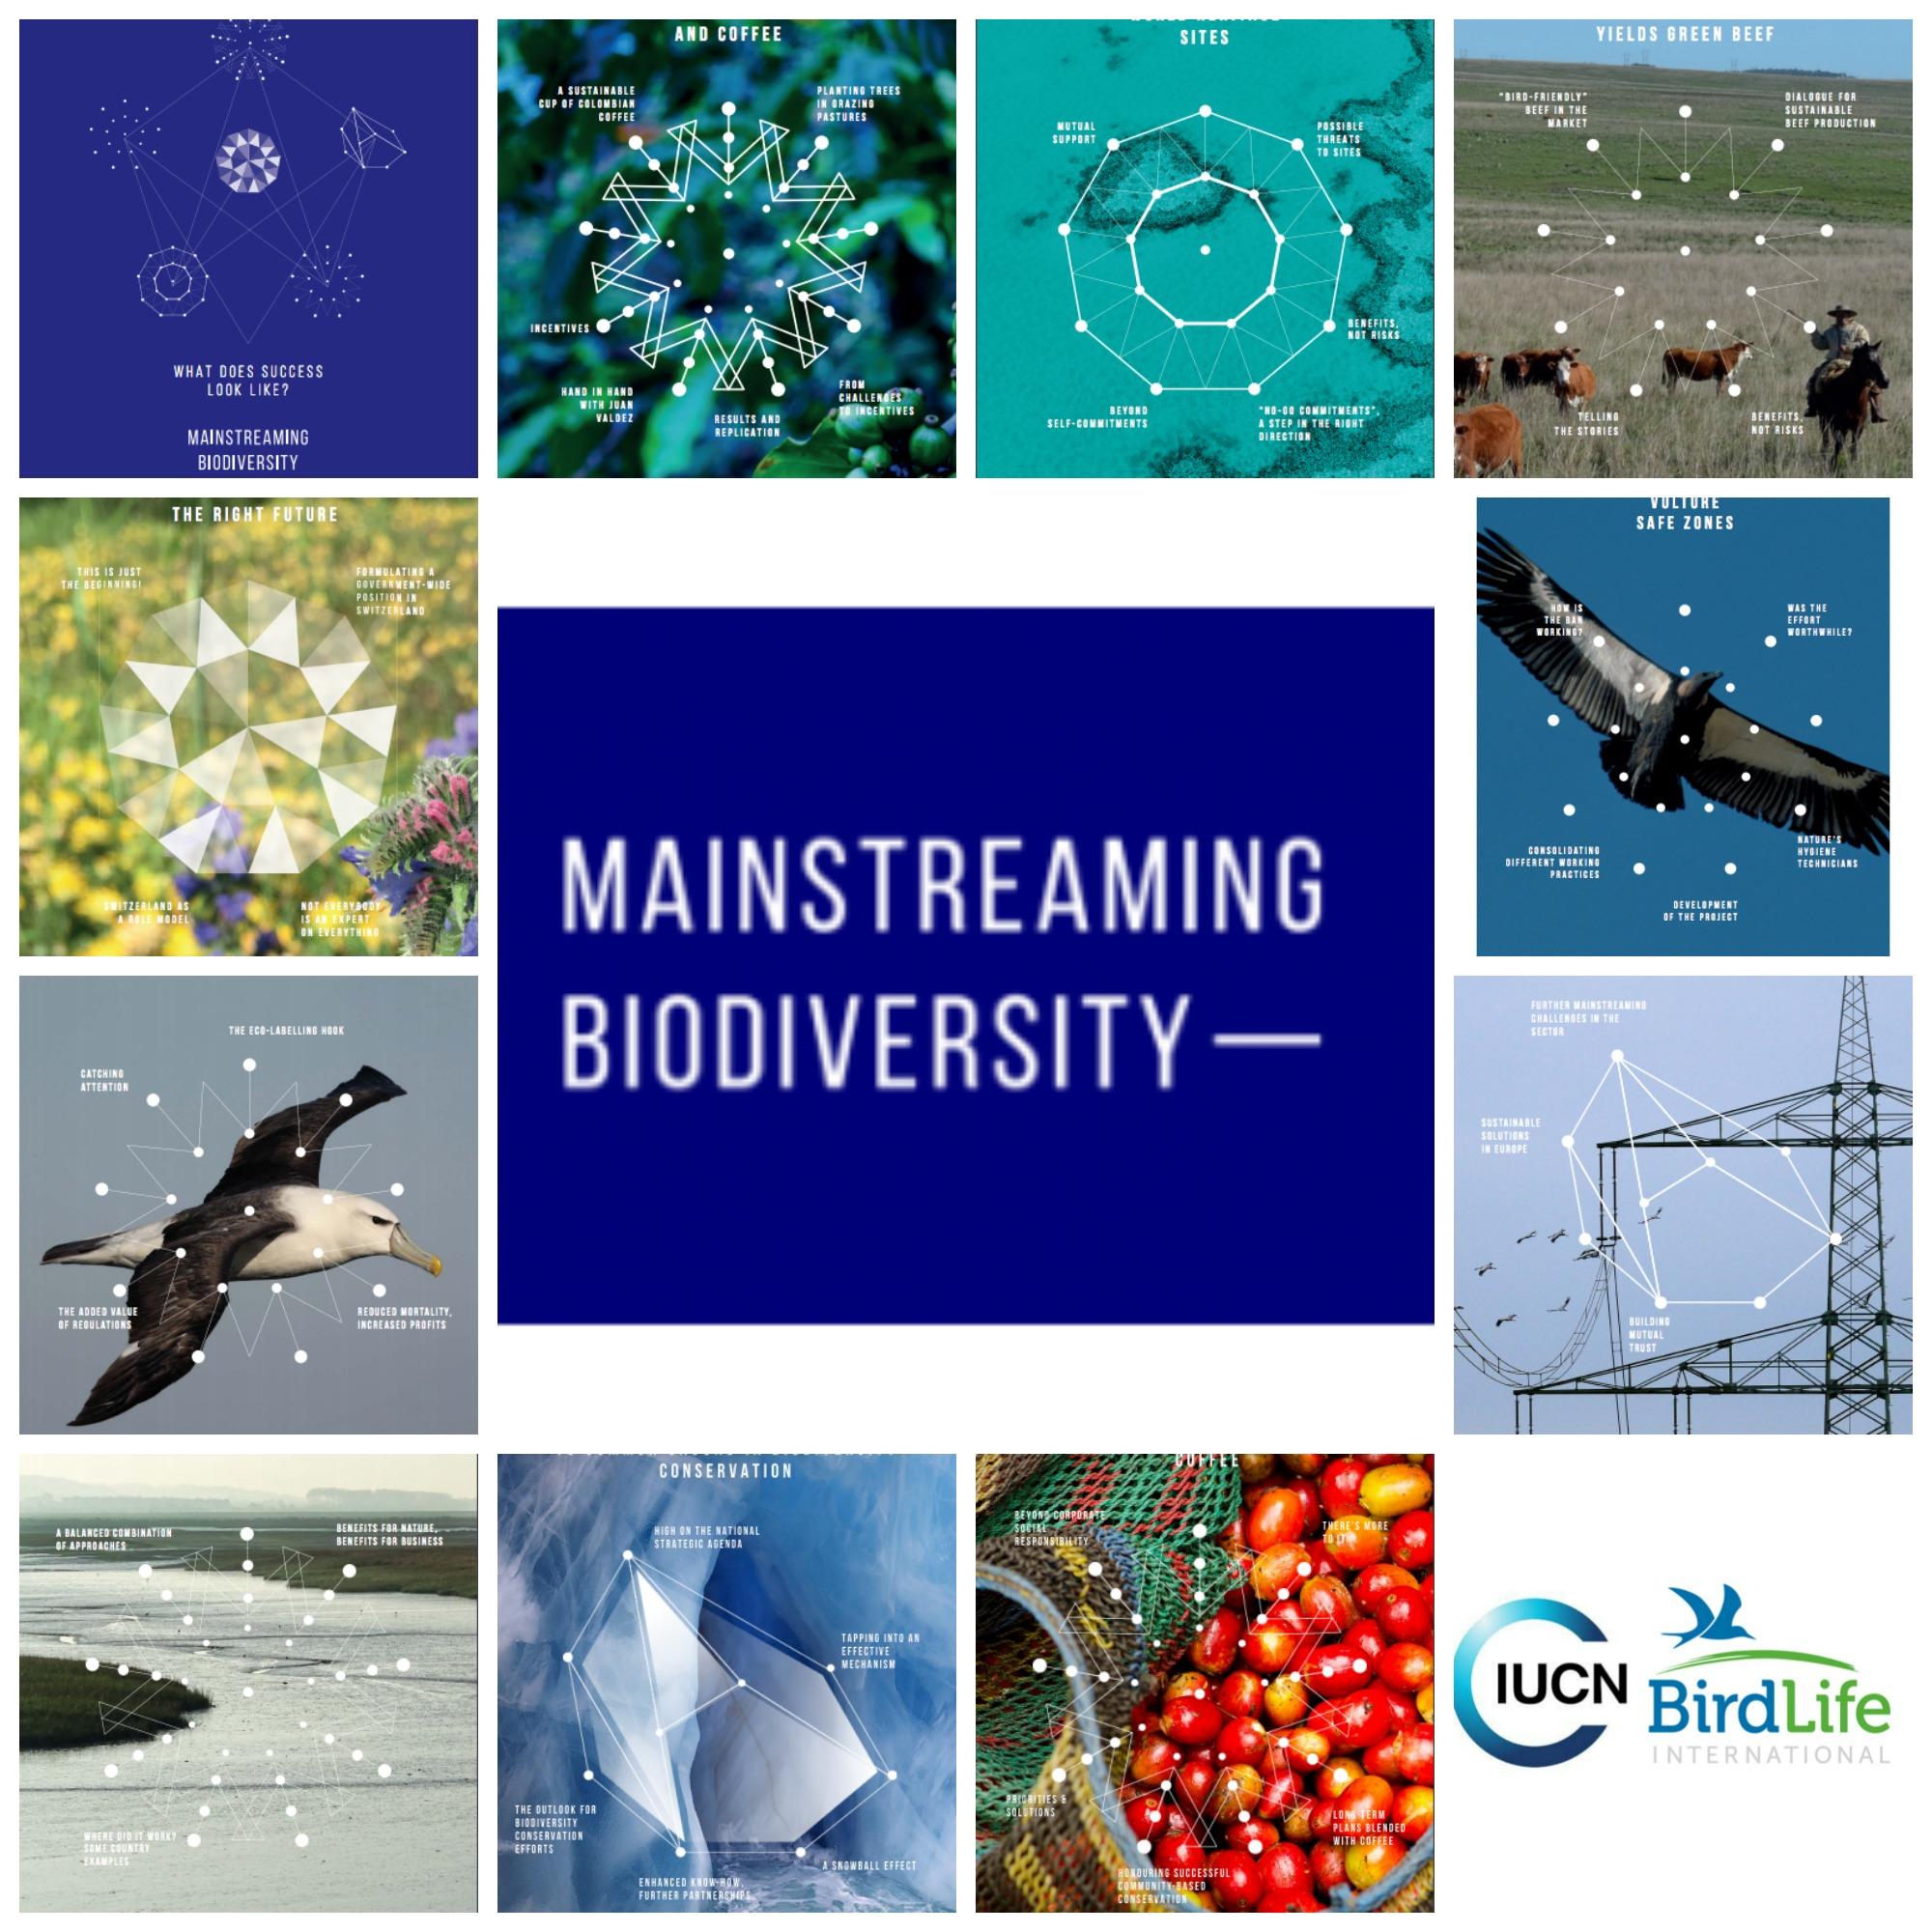 Mainstreaming Biodiversity (Integrando la Biodiversidad) es un proyecto dirigido por la Unión Internacional para la Conservación de la Naturaleza (UICN) y BirdLife International con la finalidad de documentar ejemplos exitosos sobre la integración de la biodiversidad en las distintas estrategias.